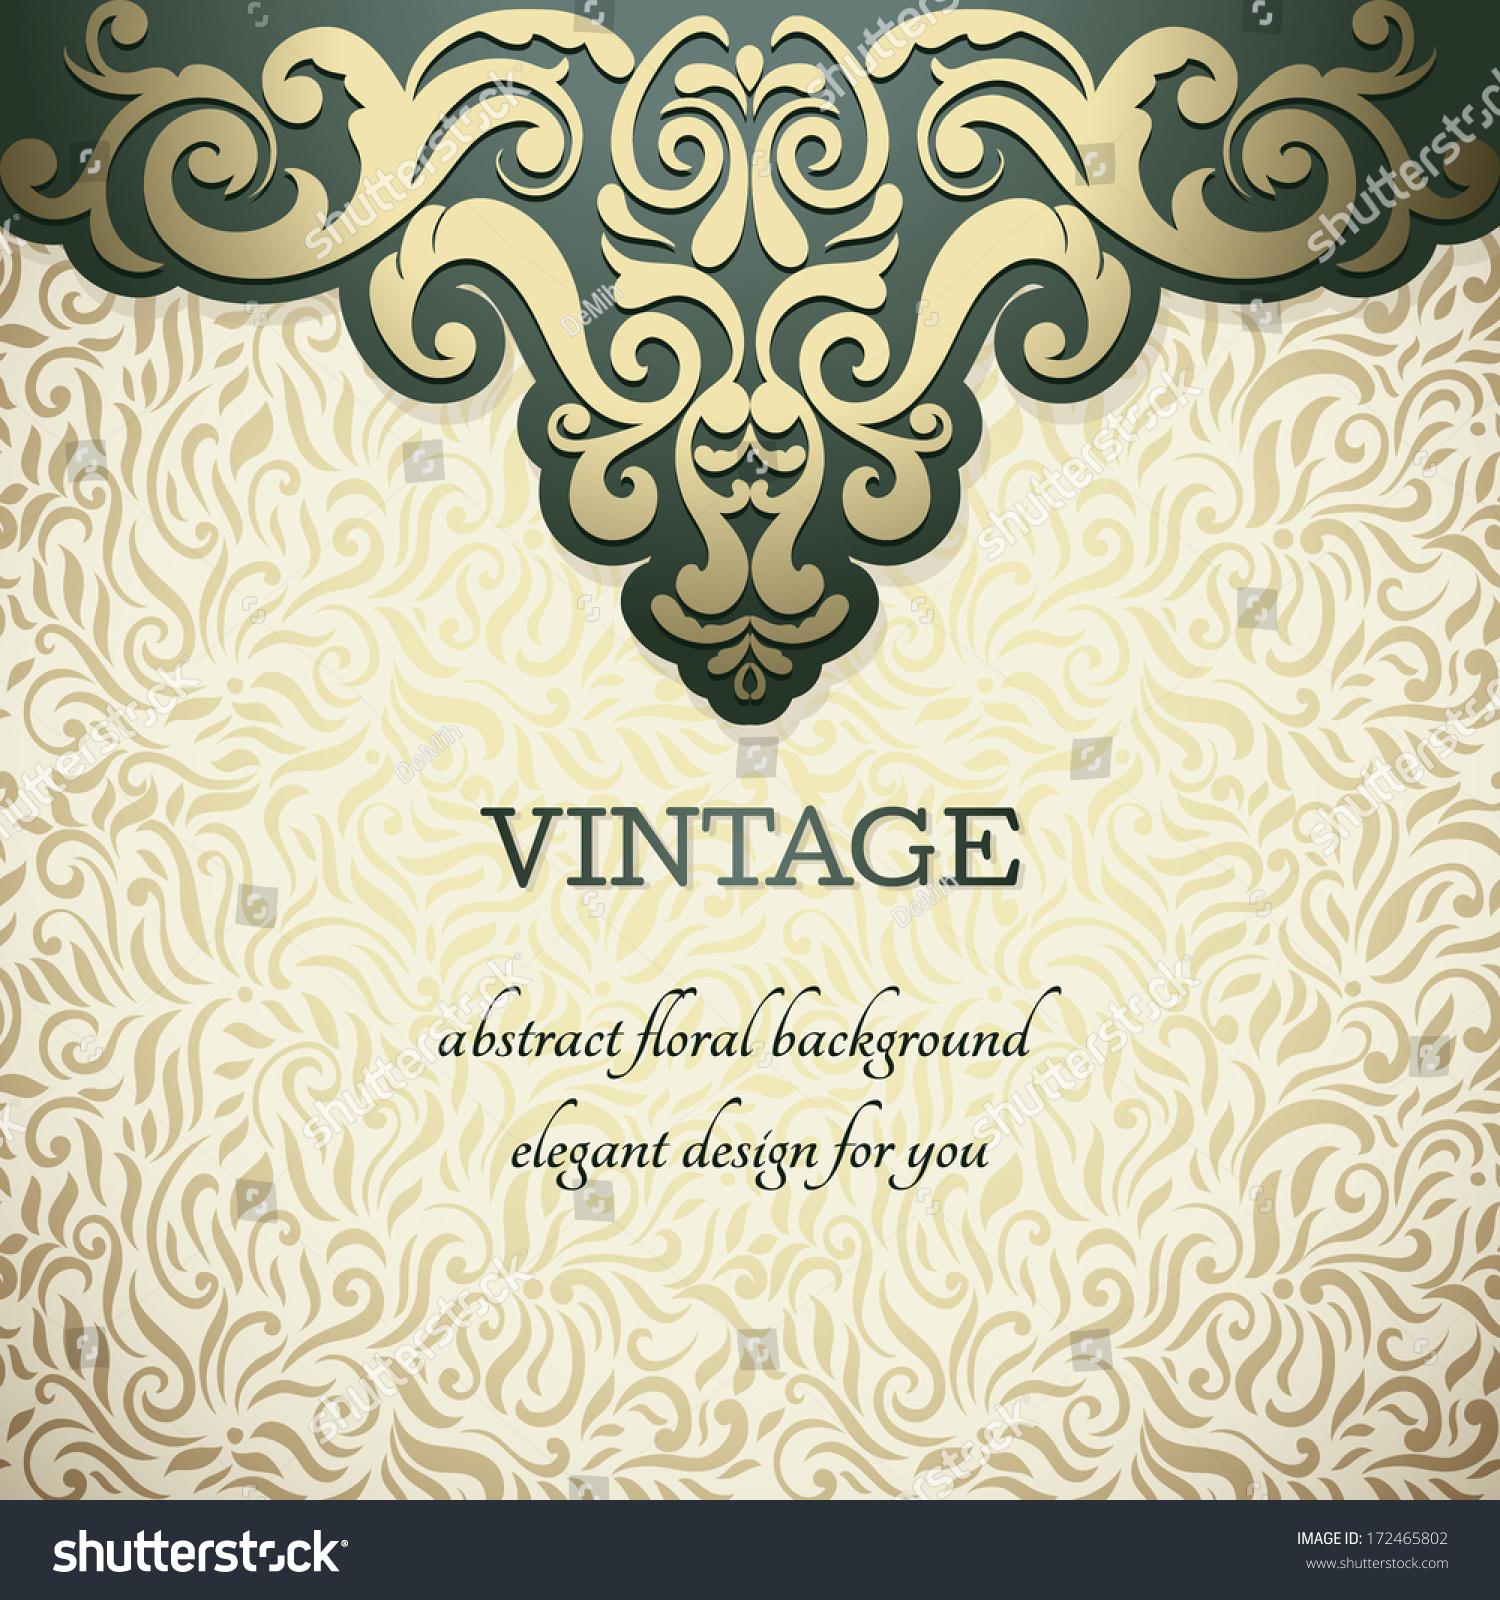 elegant vintage floral backgrounds